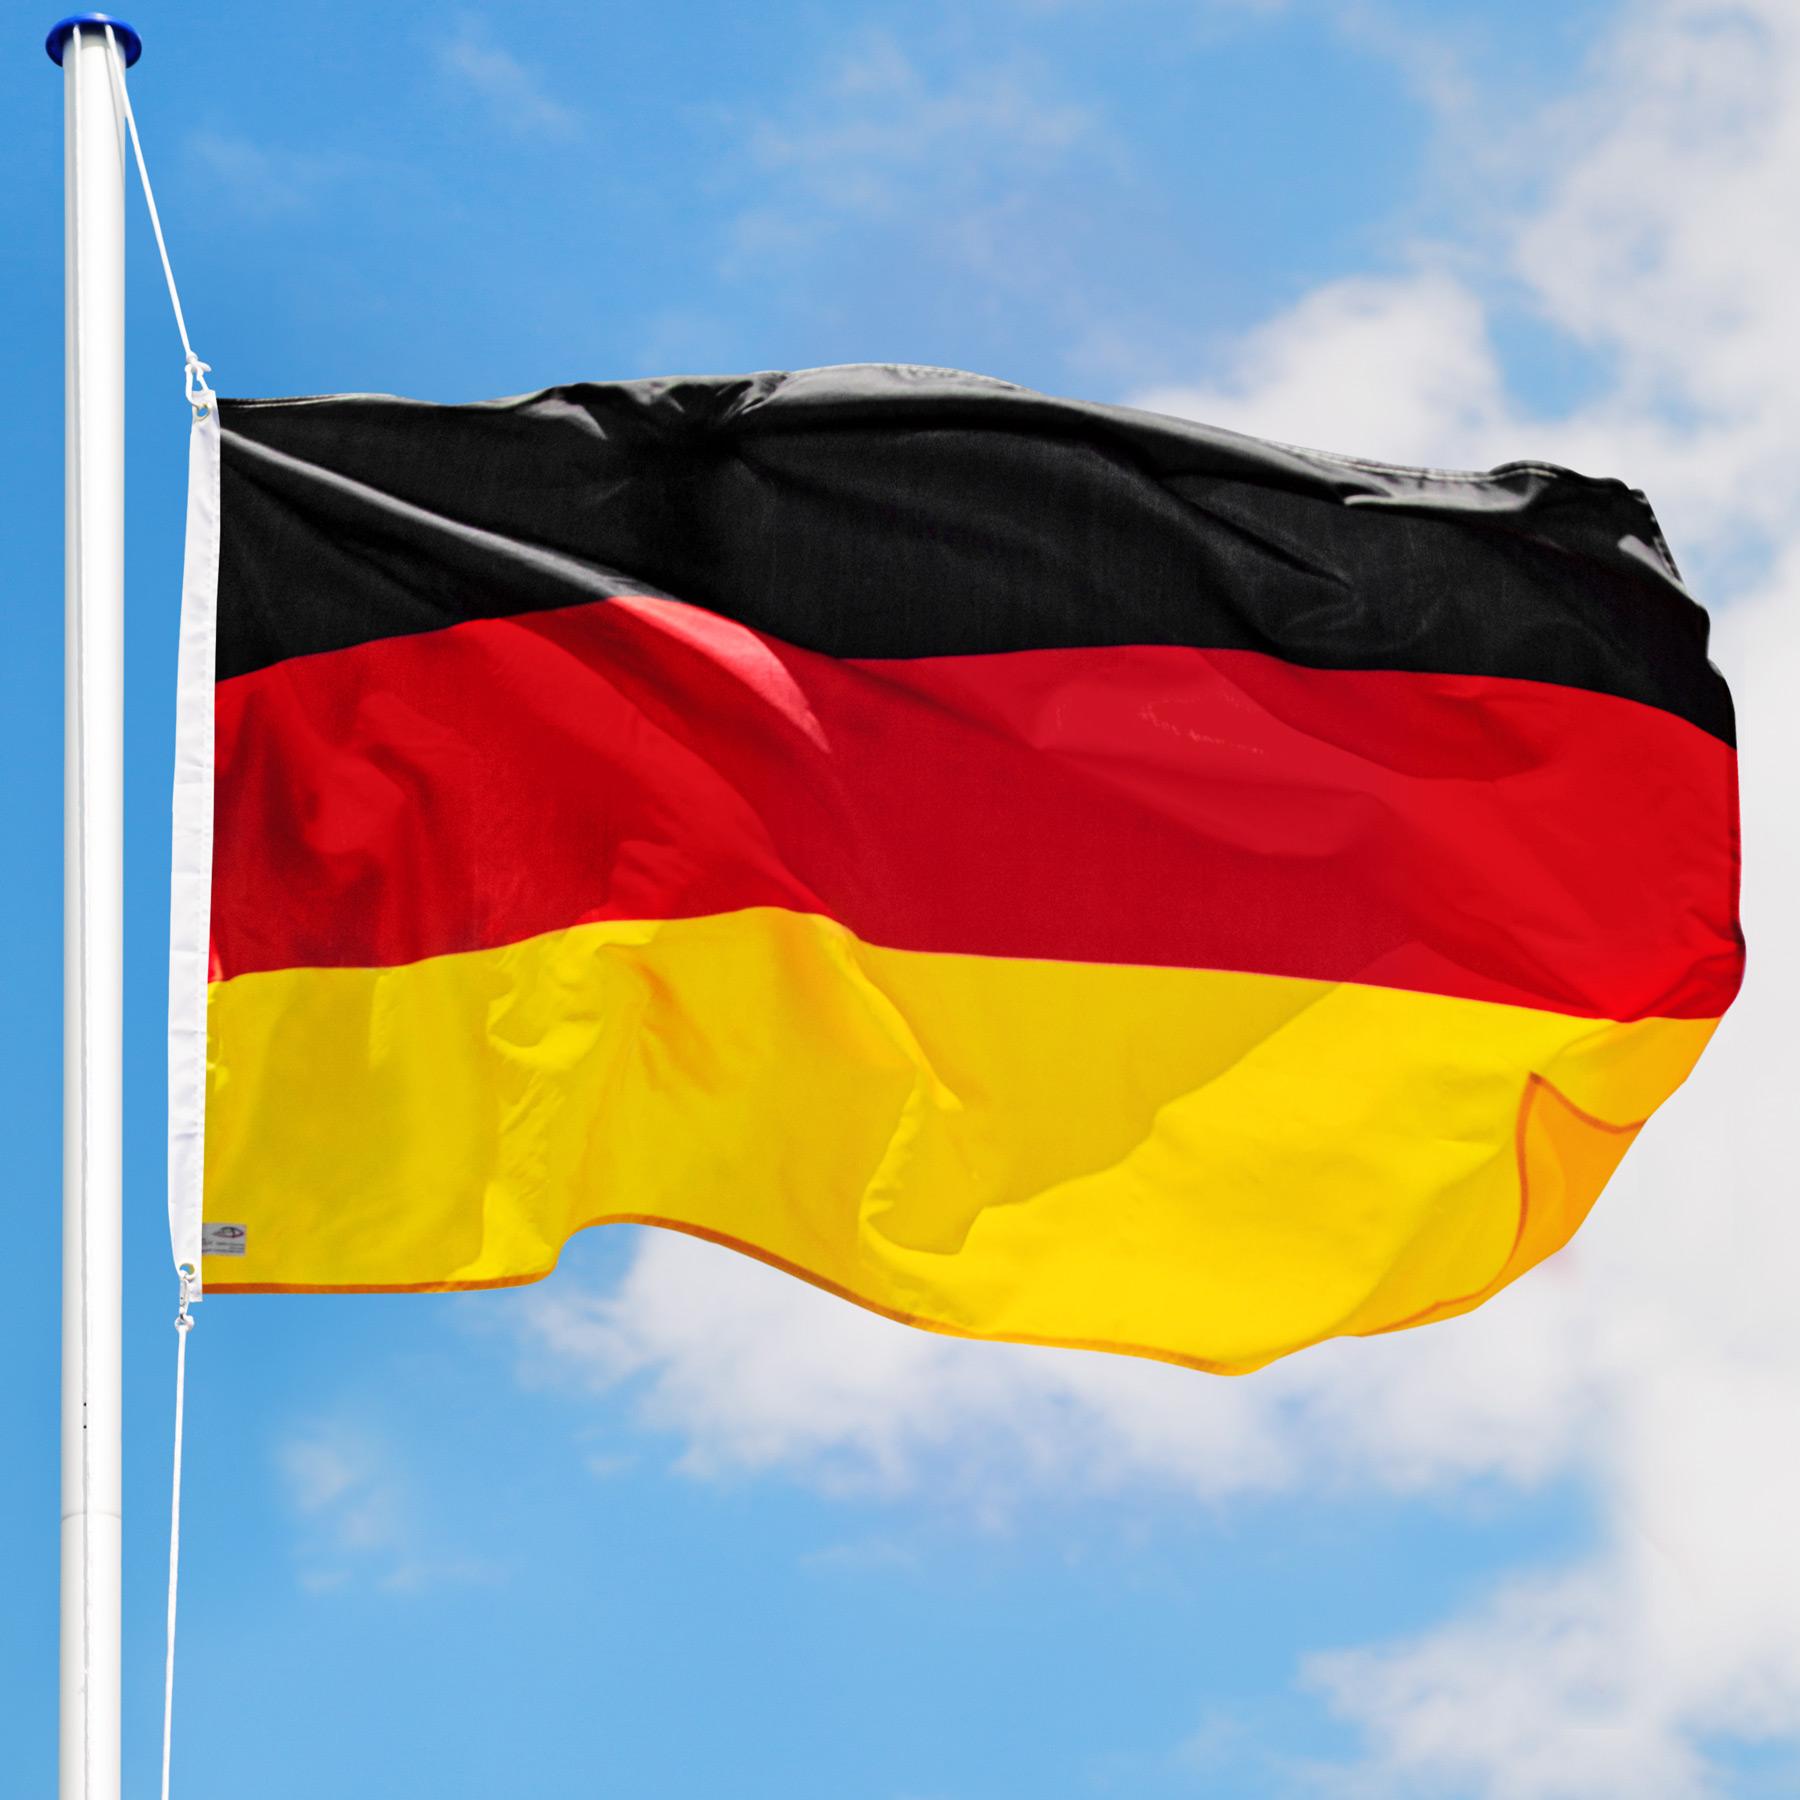 Картинки немецкого флага выбор вполне